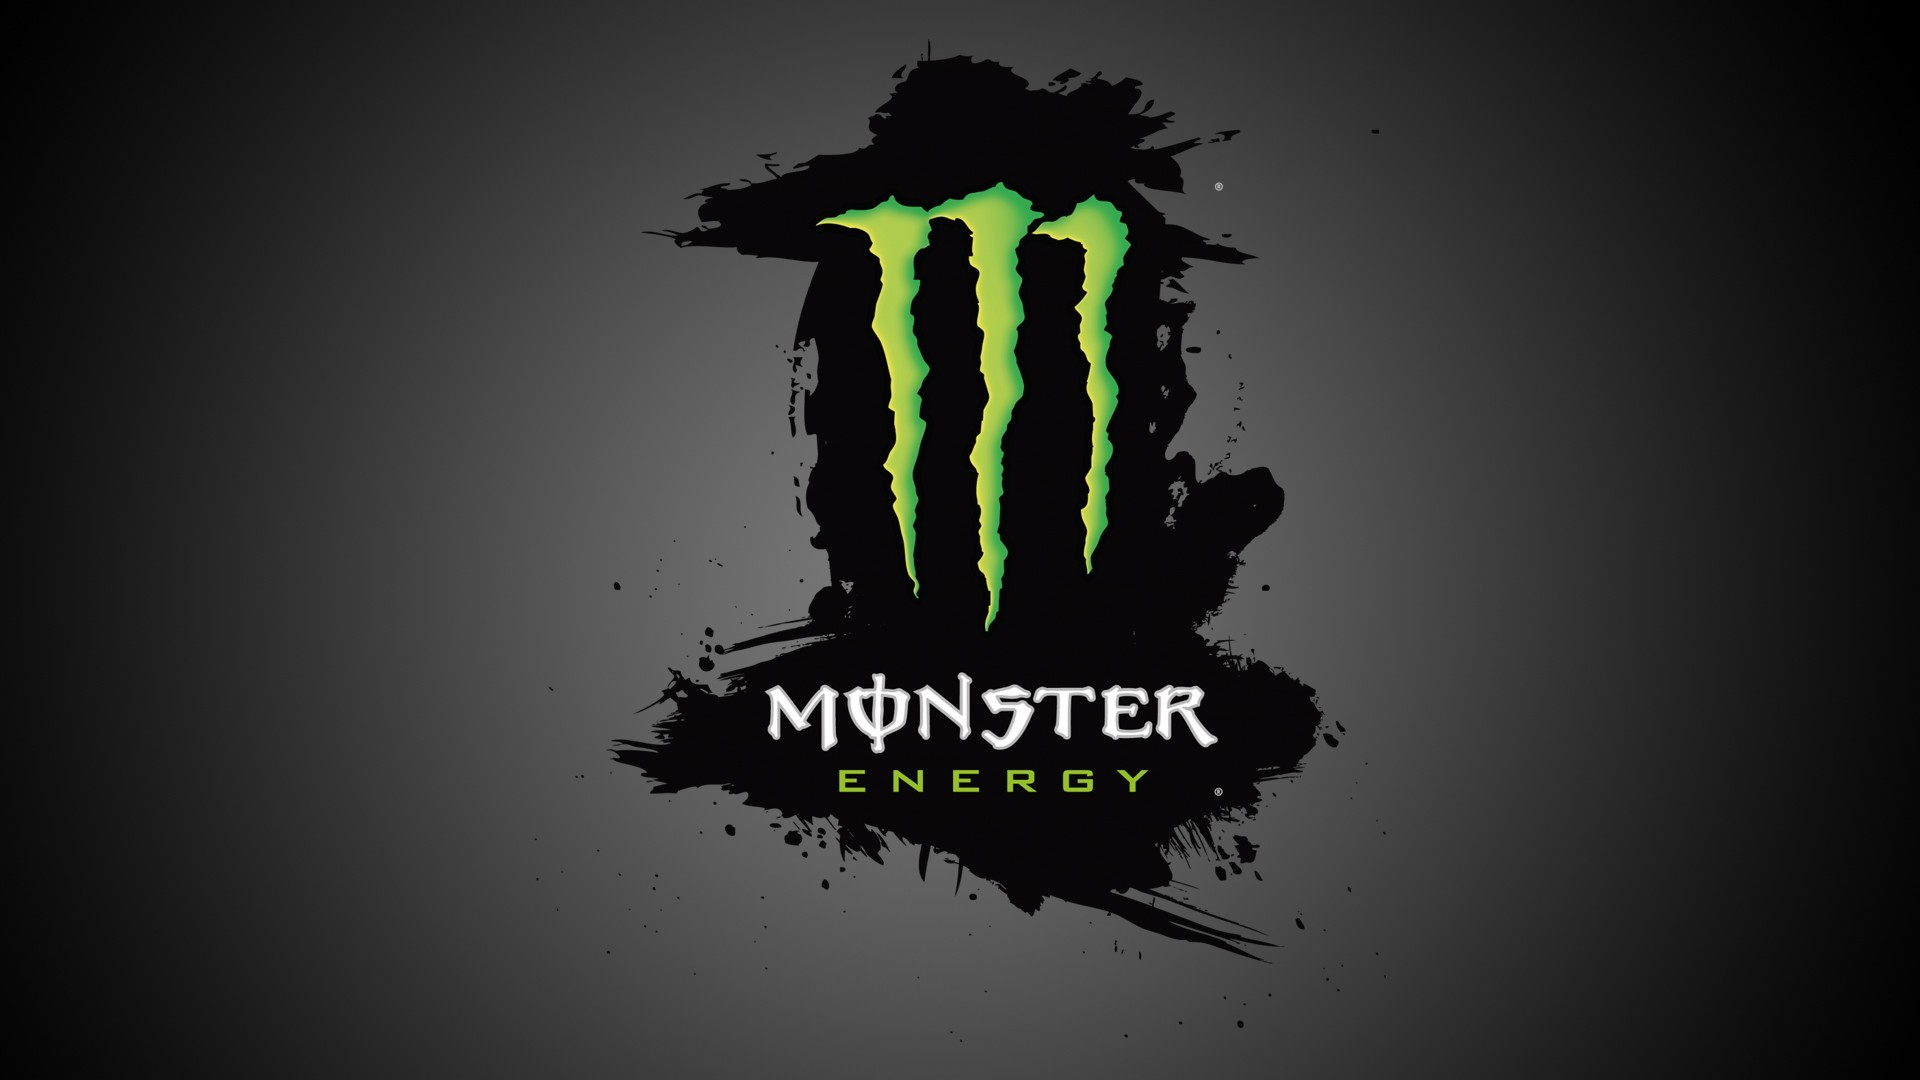 Rockstar Energy Wallpaper For Iphone Monster Energy Wallpaper 72 Images